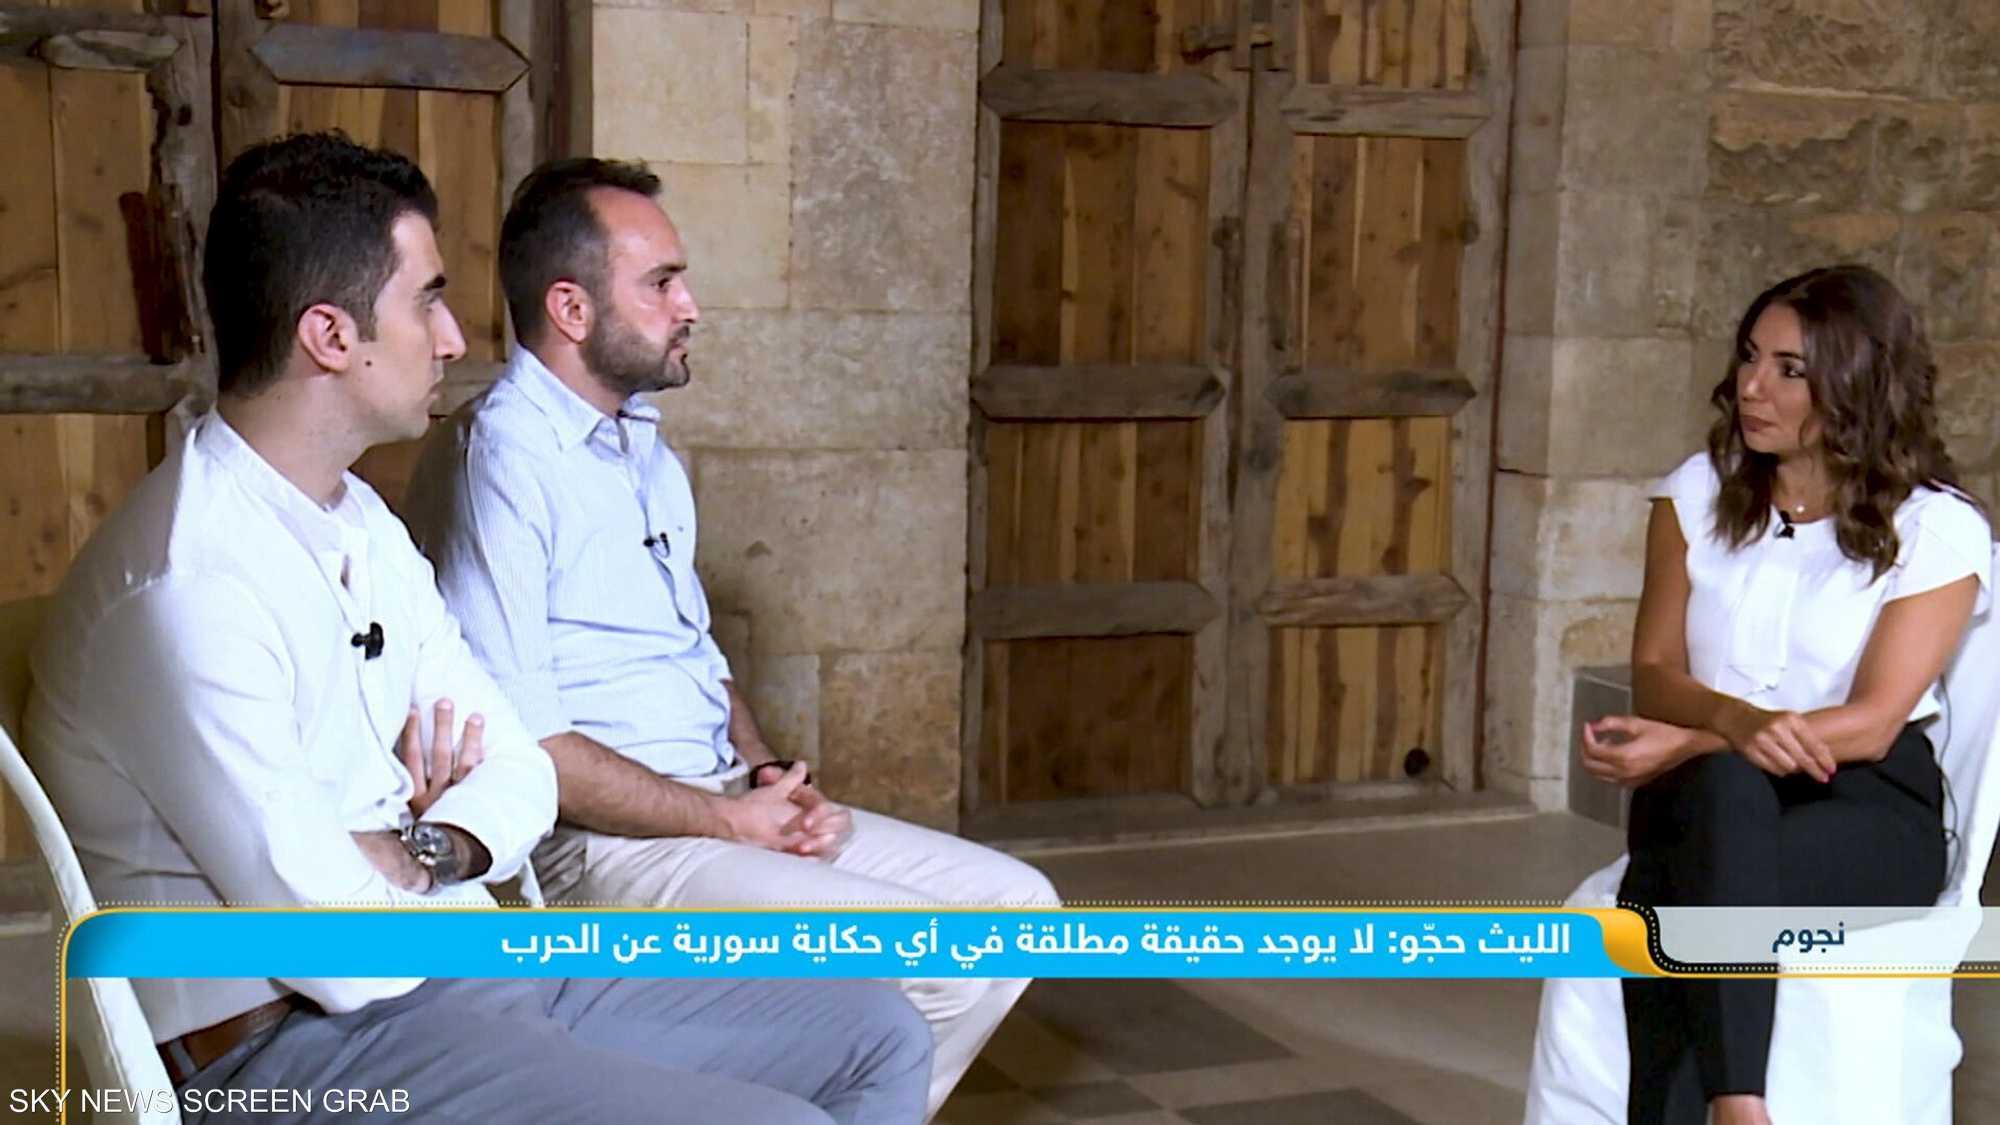 نجوم.. مع المخرج السوري الليث حجّو